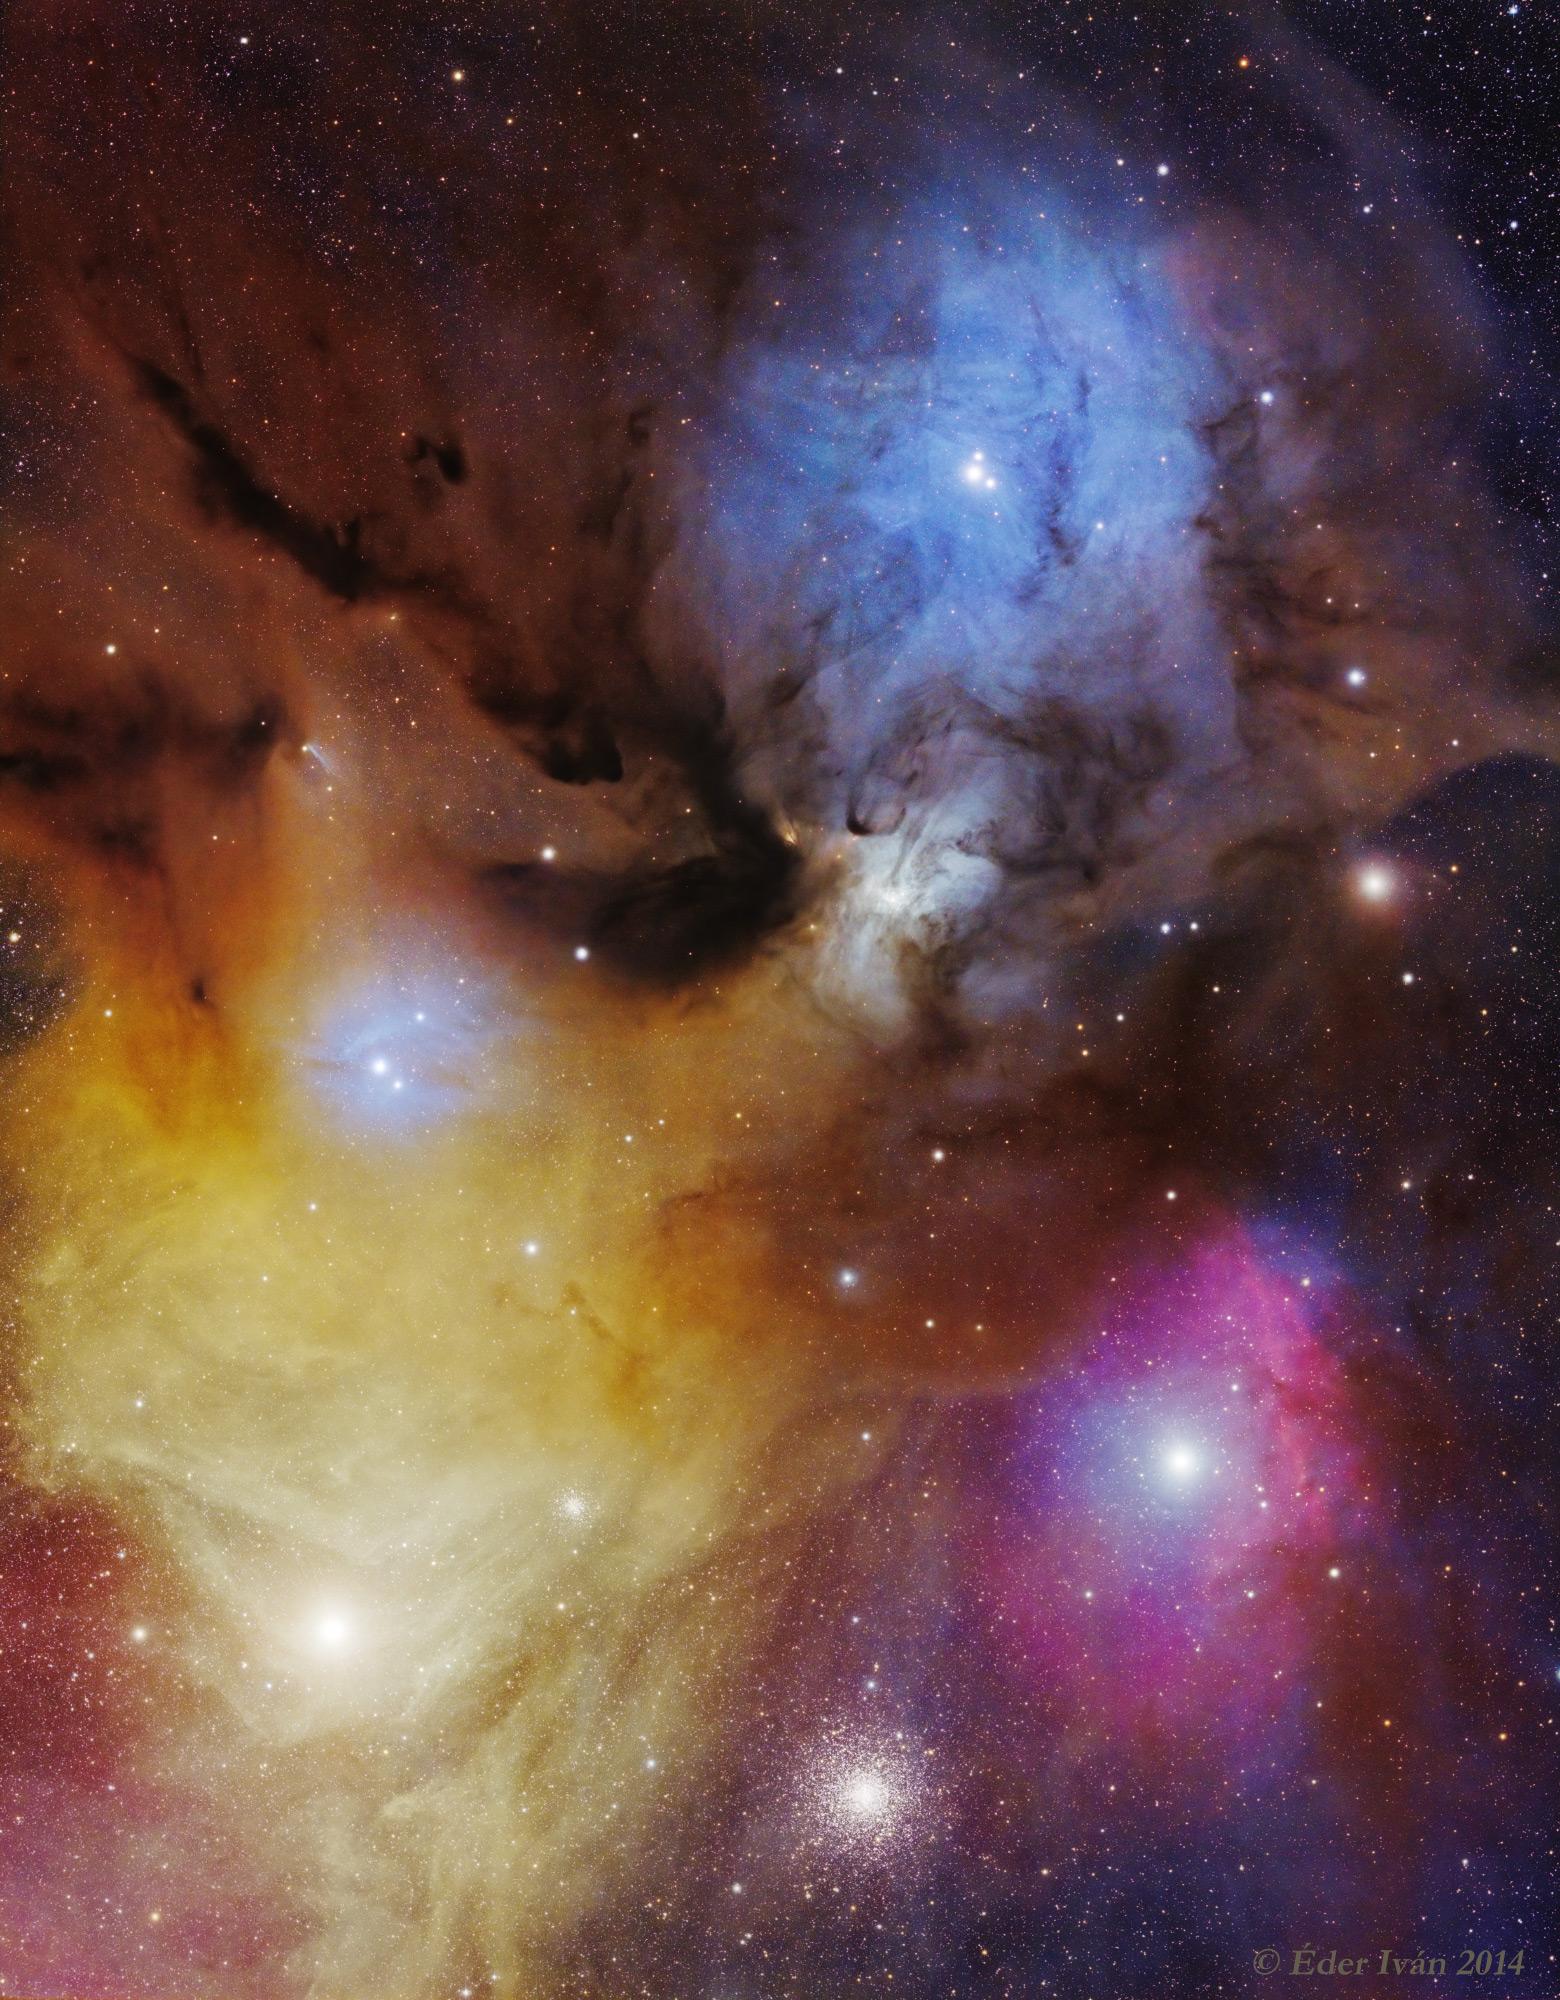 Az Antares és a Rho Ophiuchi színpompája